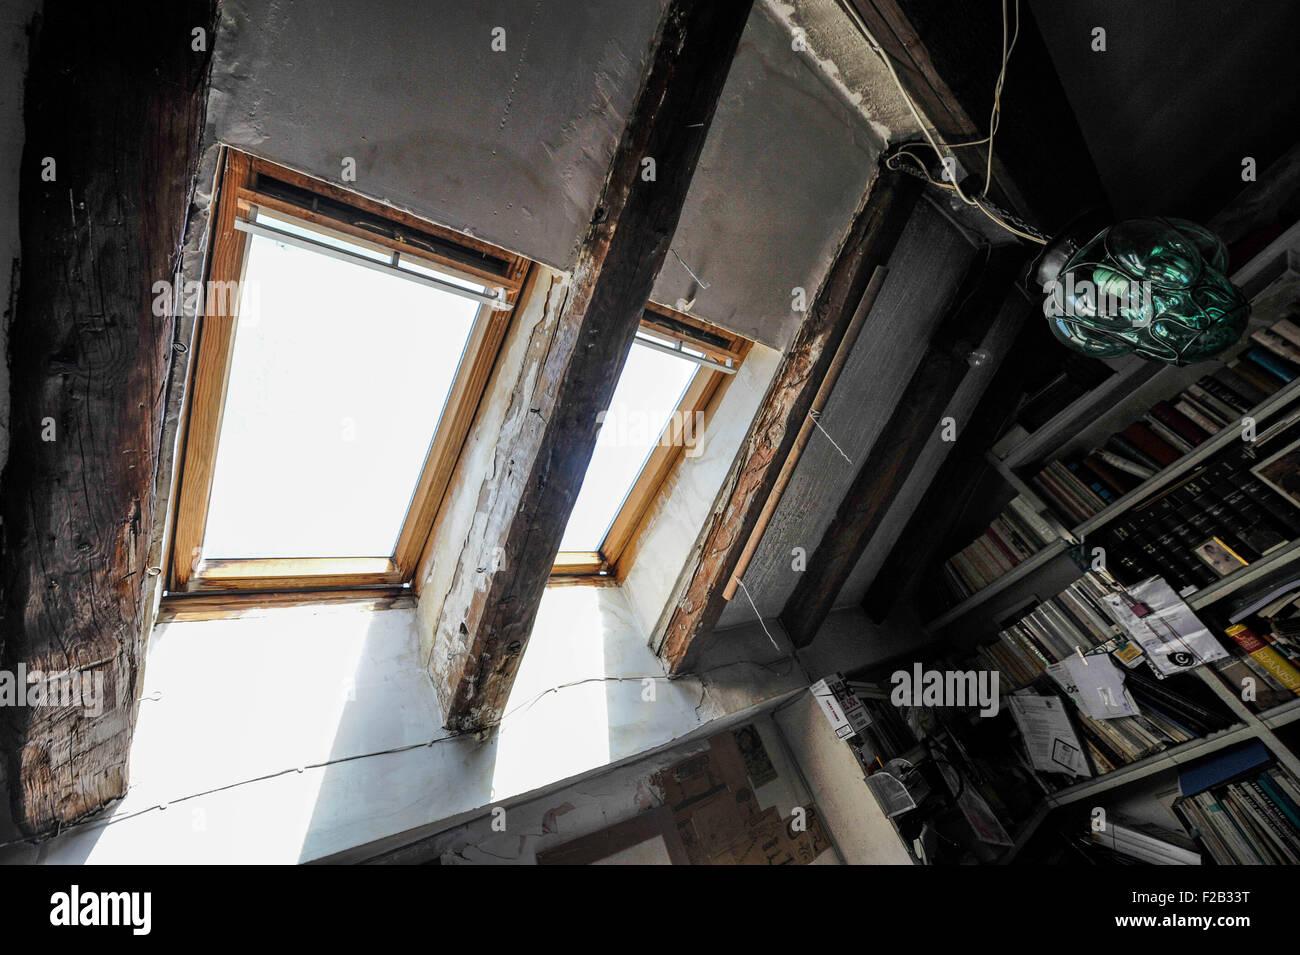 a studio in an attic with skylight- un estudio en un ático con claraboya - Stock Image